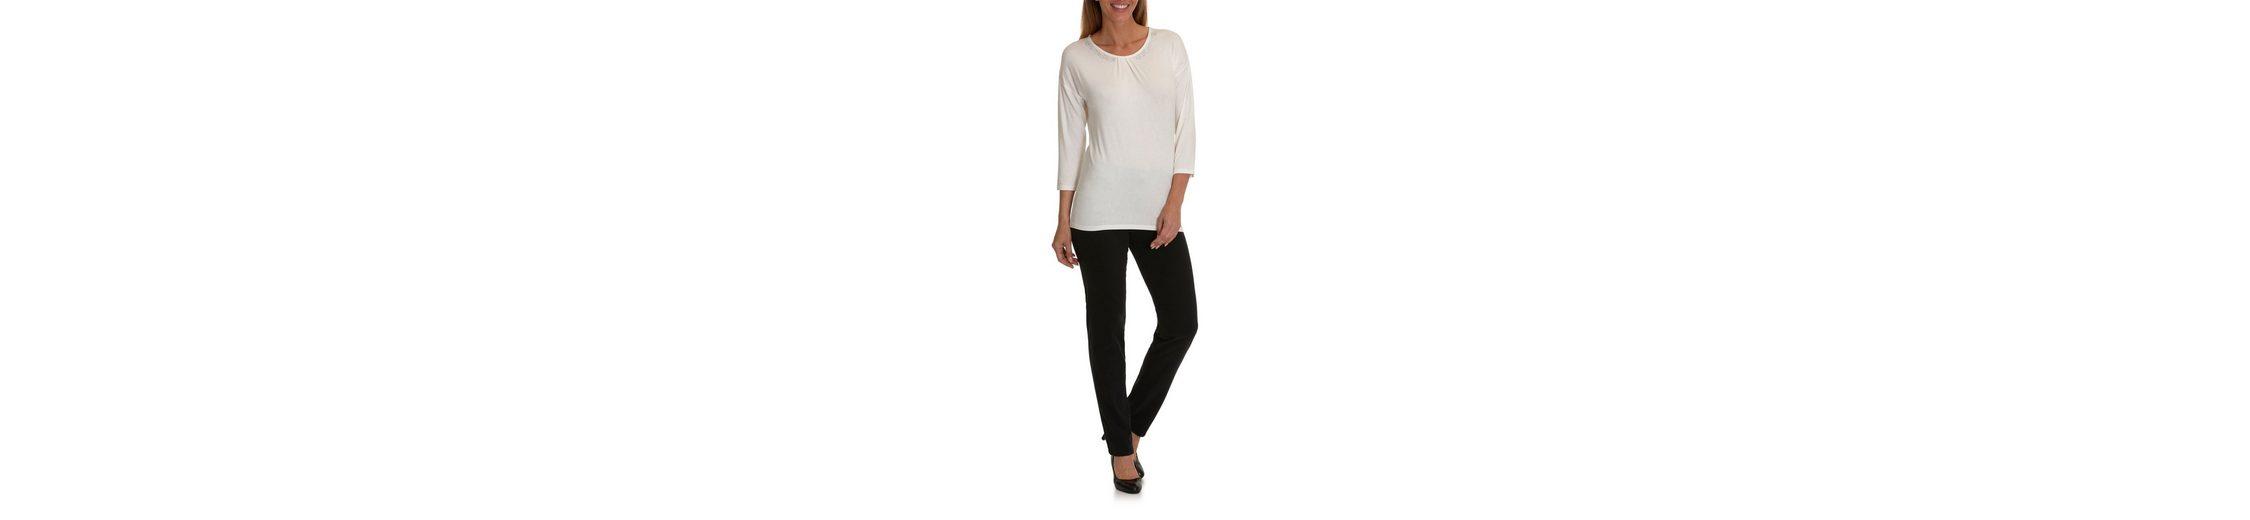 Niedriger Preis Günstig Online Verkauf Mode-Stil Betty Barclay Shirt mit Strasssteinen 7WNtvBzGGd